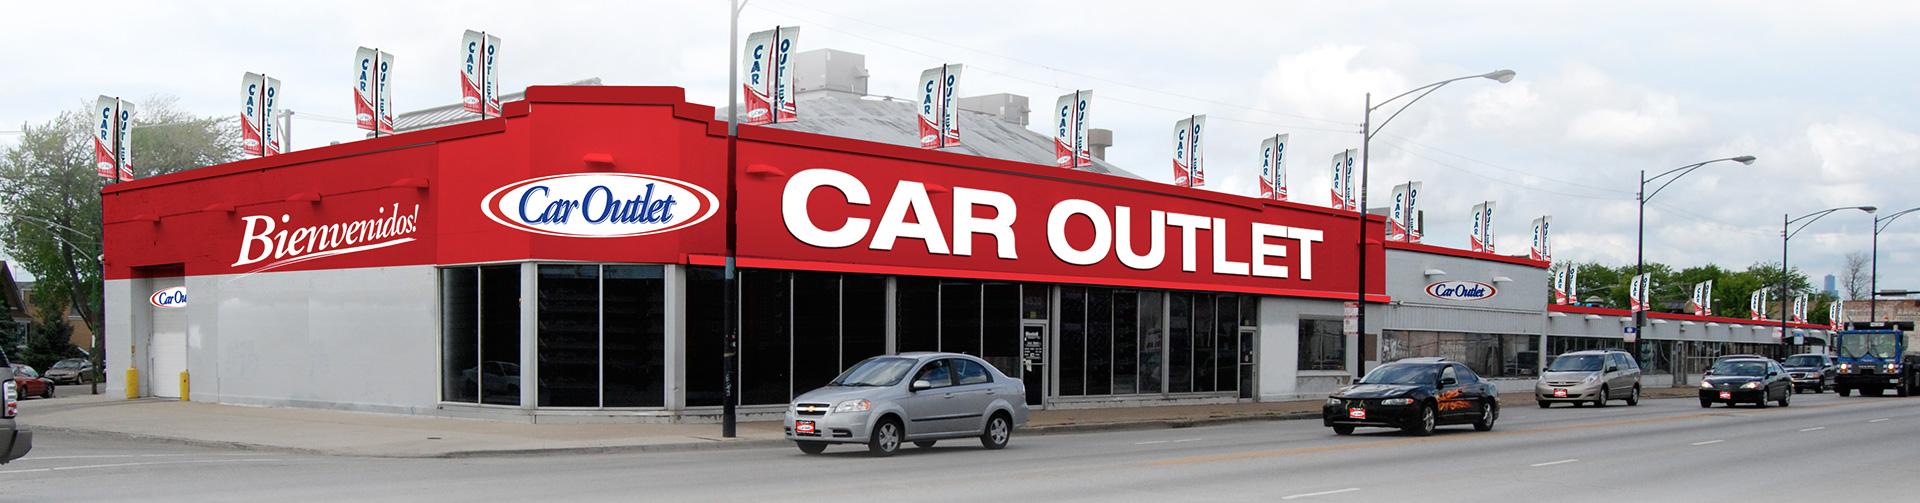 car outlet elgin  Carros Usados Conceciones en Chicago Illinois  Carros Usados de ...